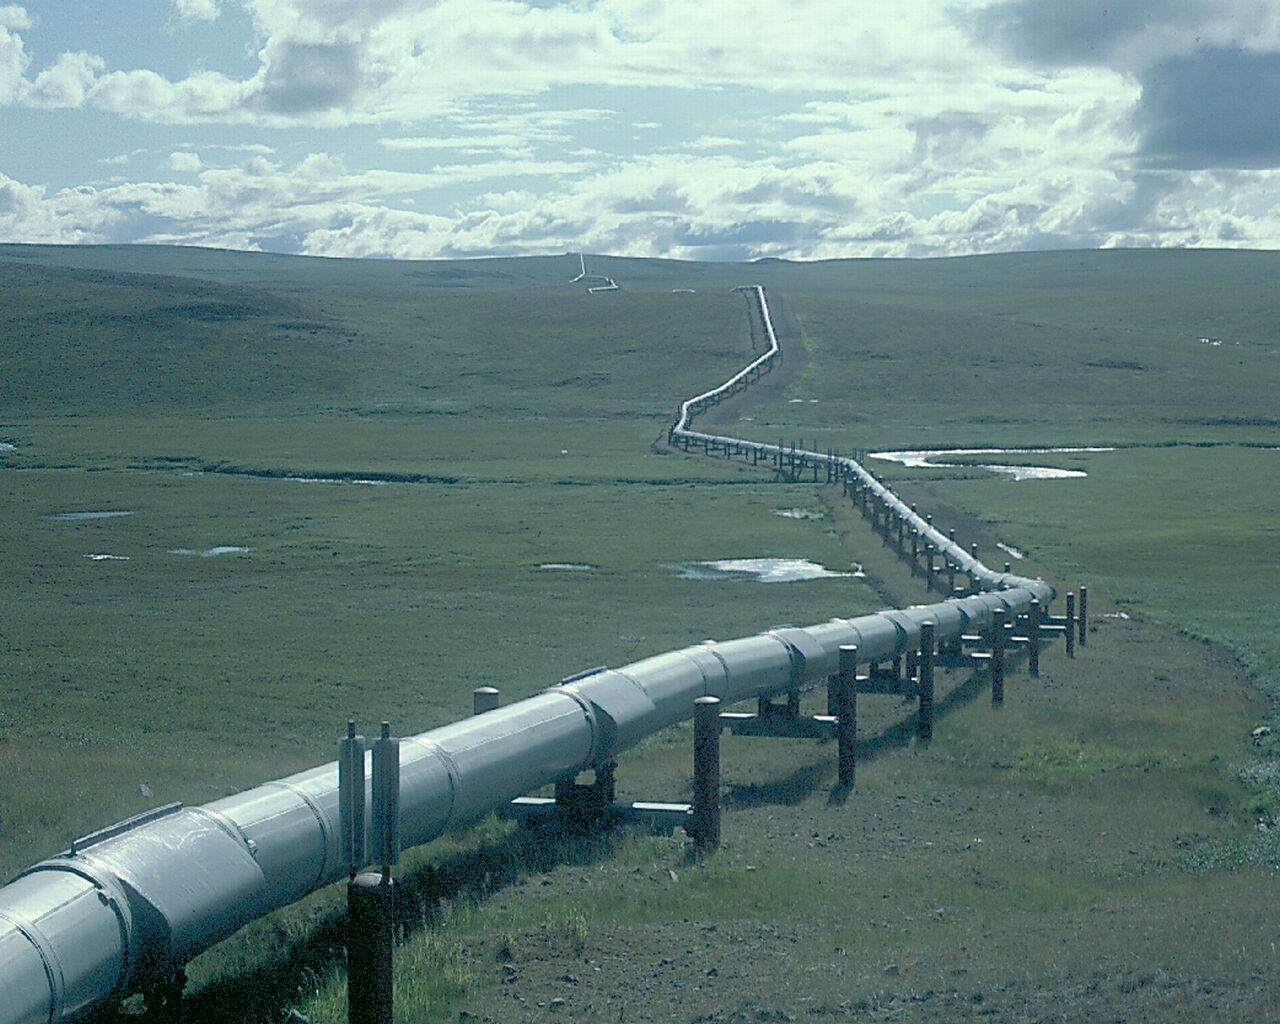 Le Kenya et l'Ethiopie déboursent 1,8 milliard d'euros pour construire un pipeline